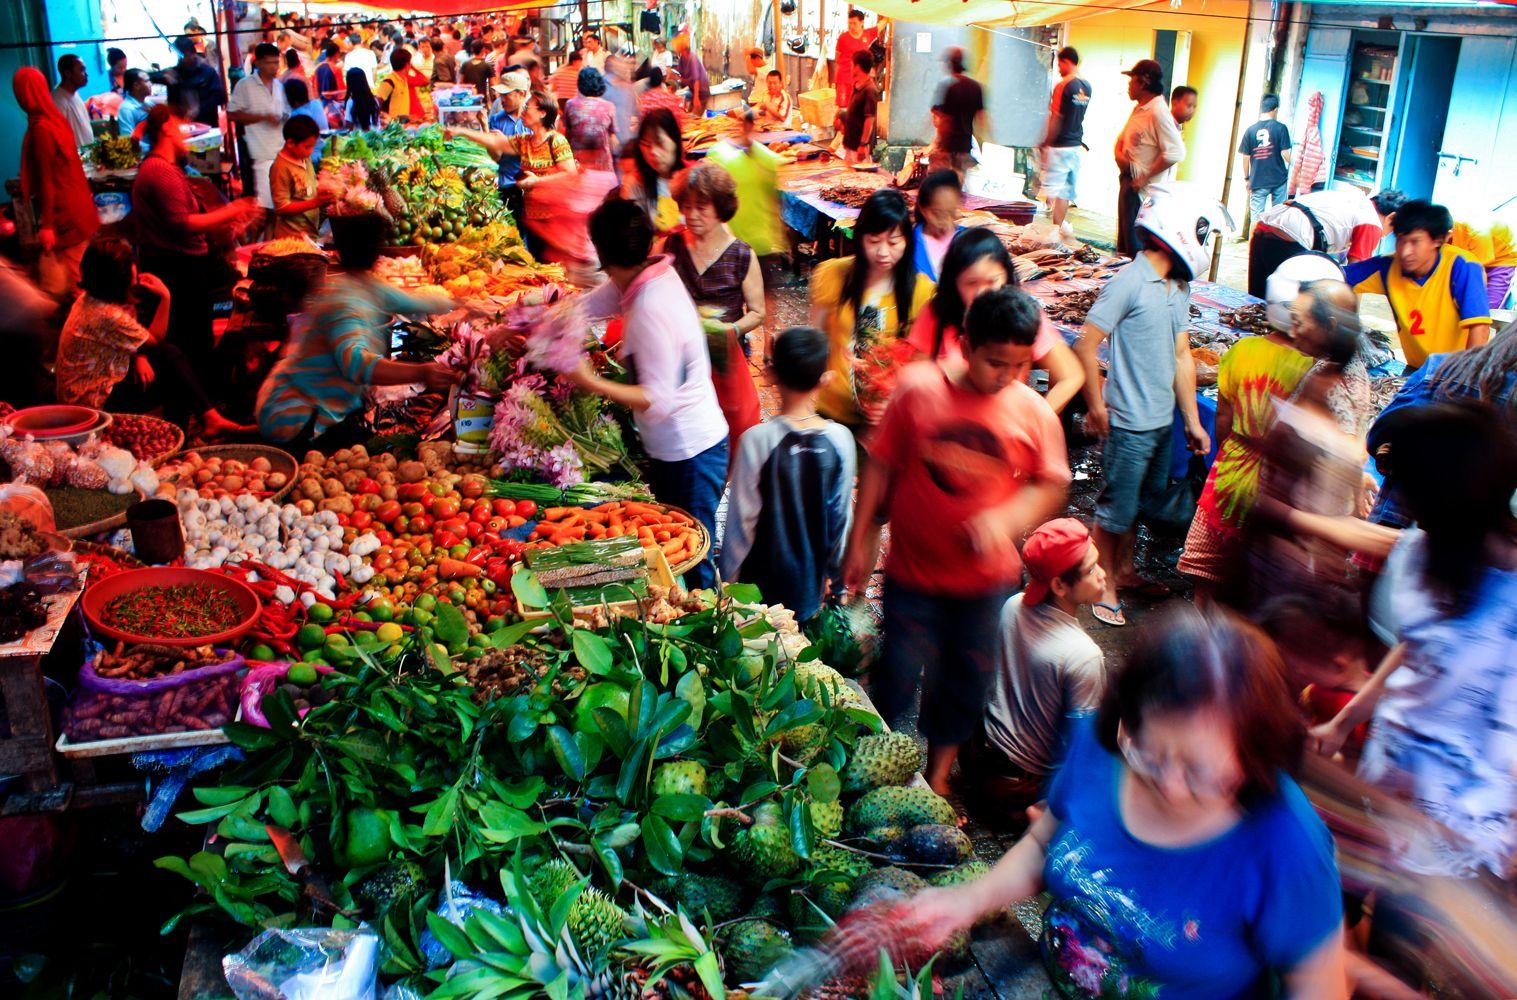 Keramaian pasar pecinan(Bacan) makassar menjelang Imlek 2563 | Indonesië